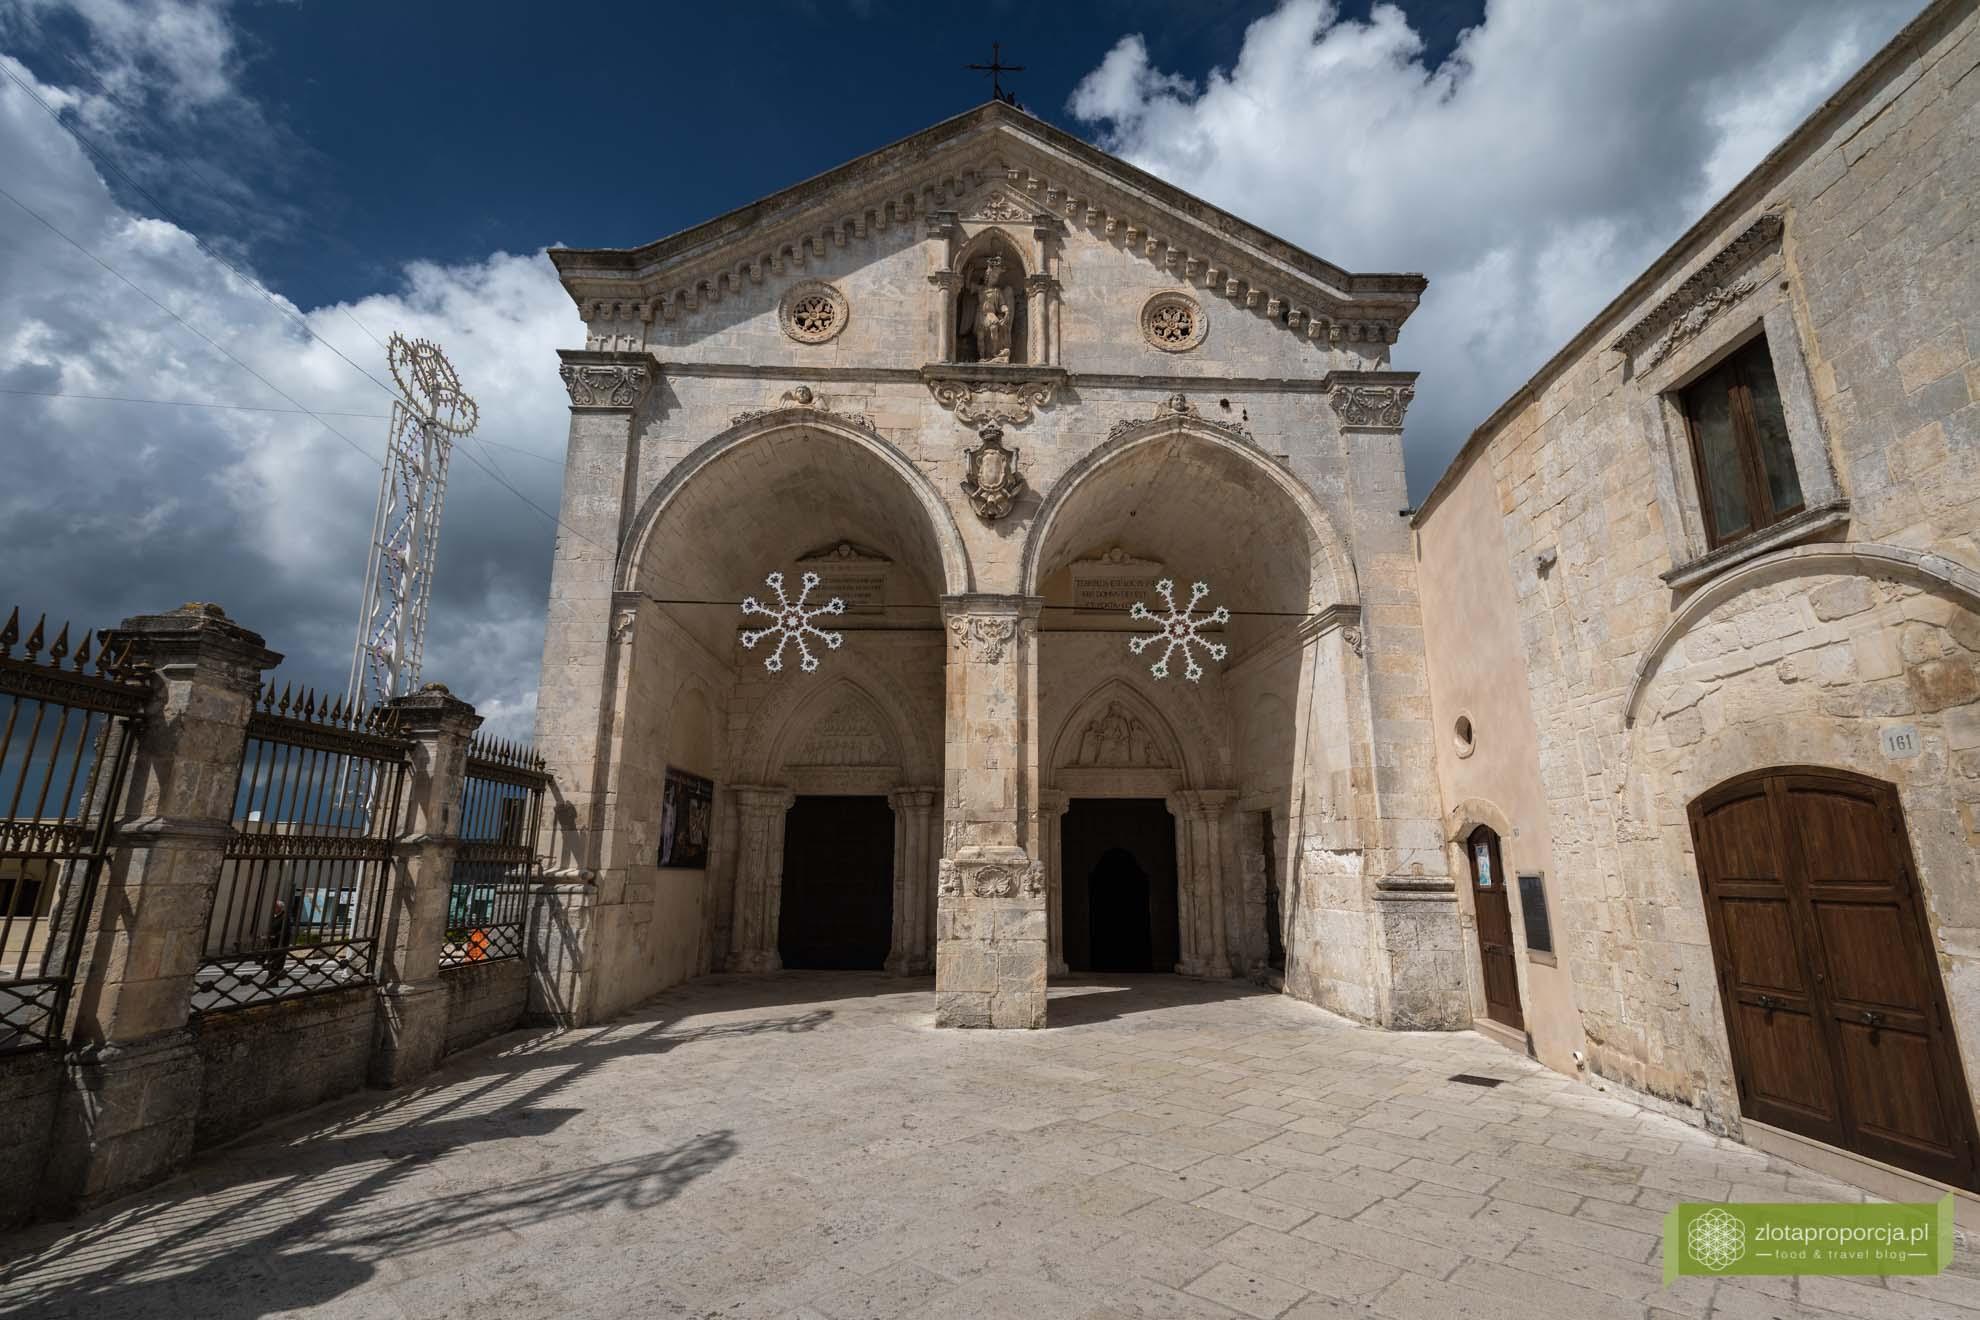 Gargano; Apulia; atrakcje Gargano; co zobaczyć na Gargano; atrakcje Apulii; Monte Sant'Angelo; sanktuarium św. Michała Archanioła;